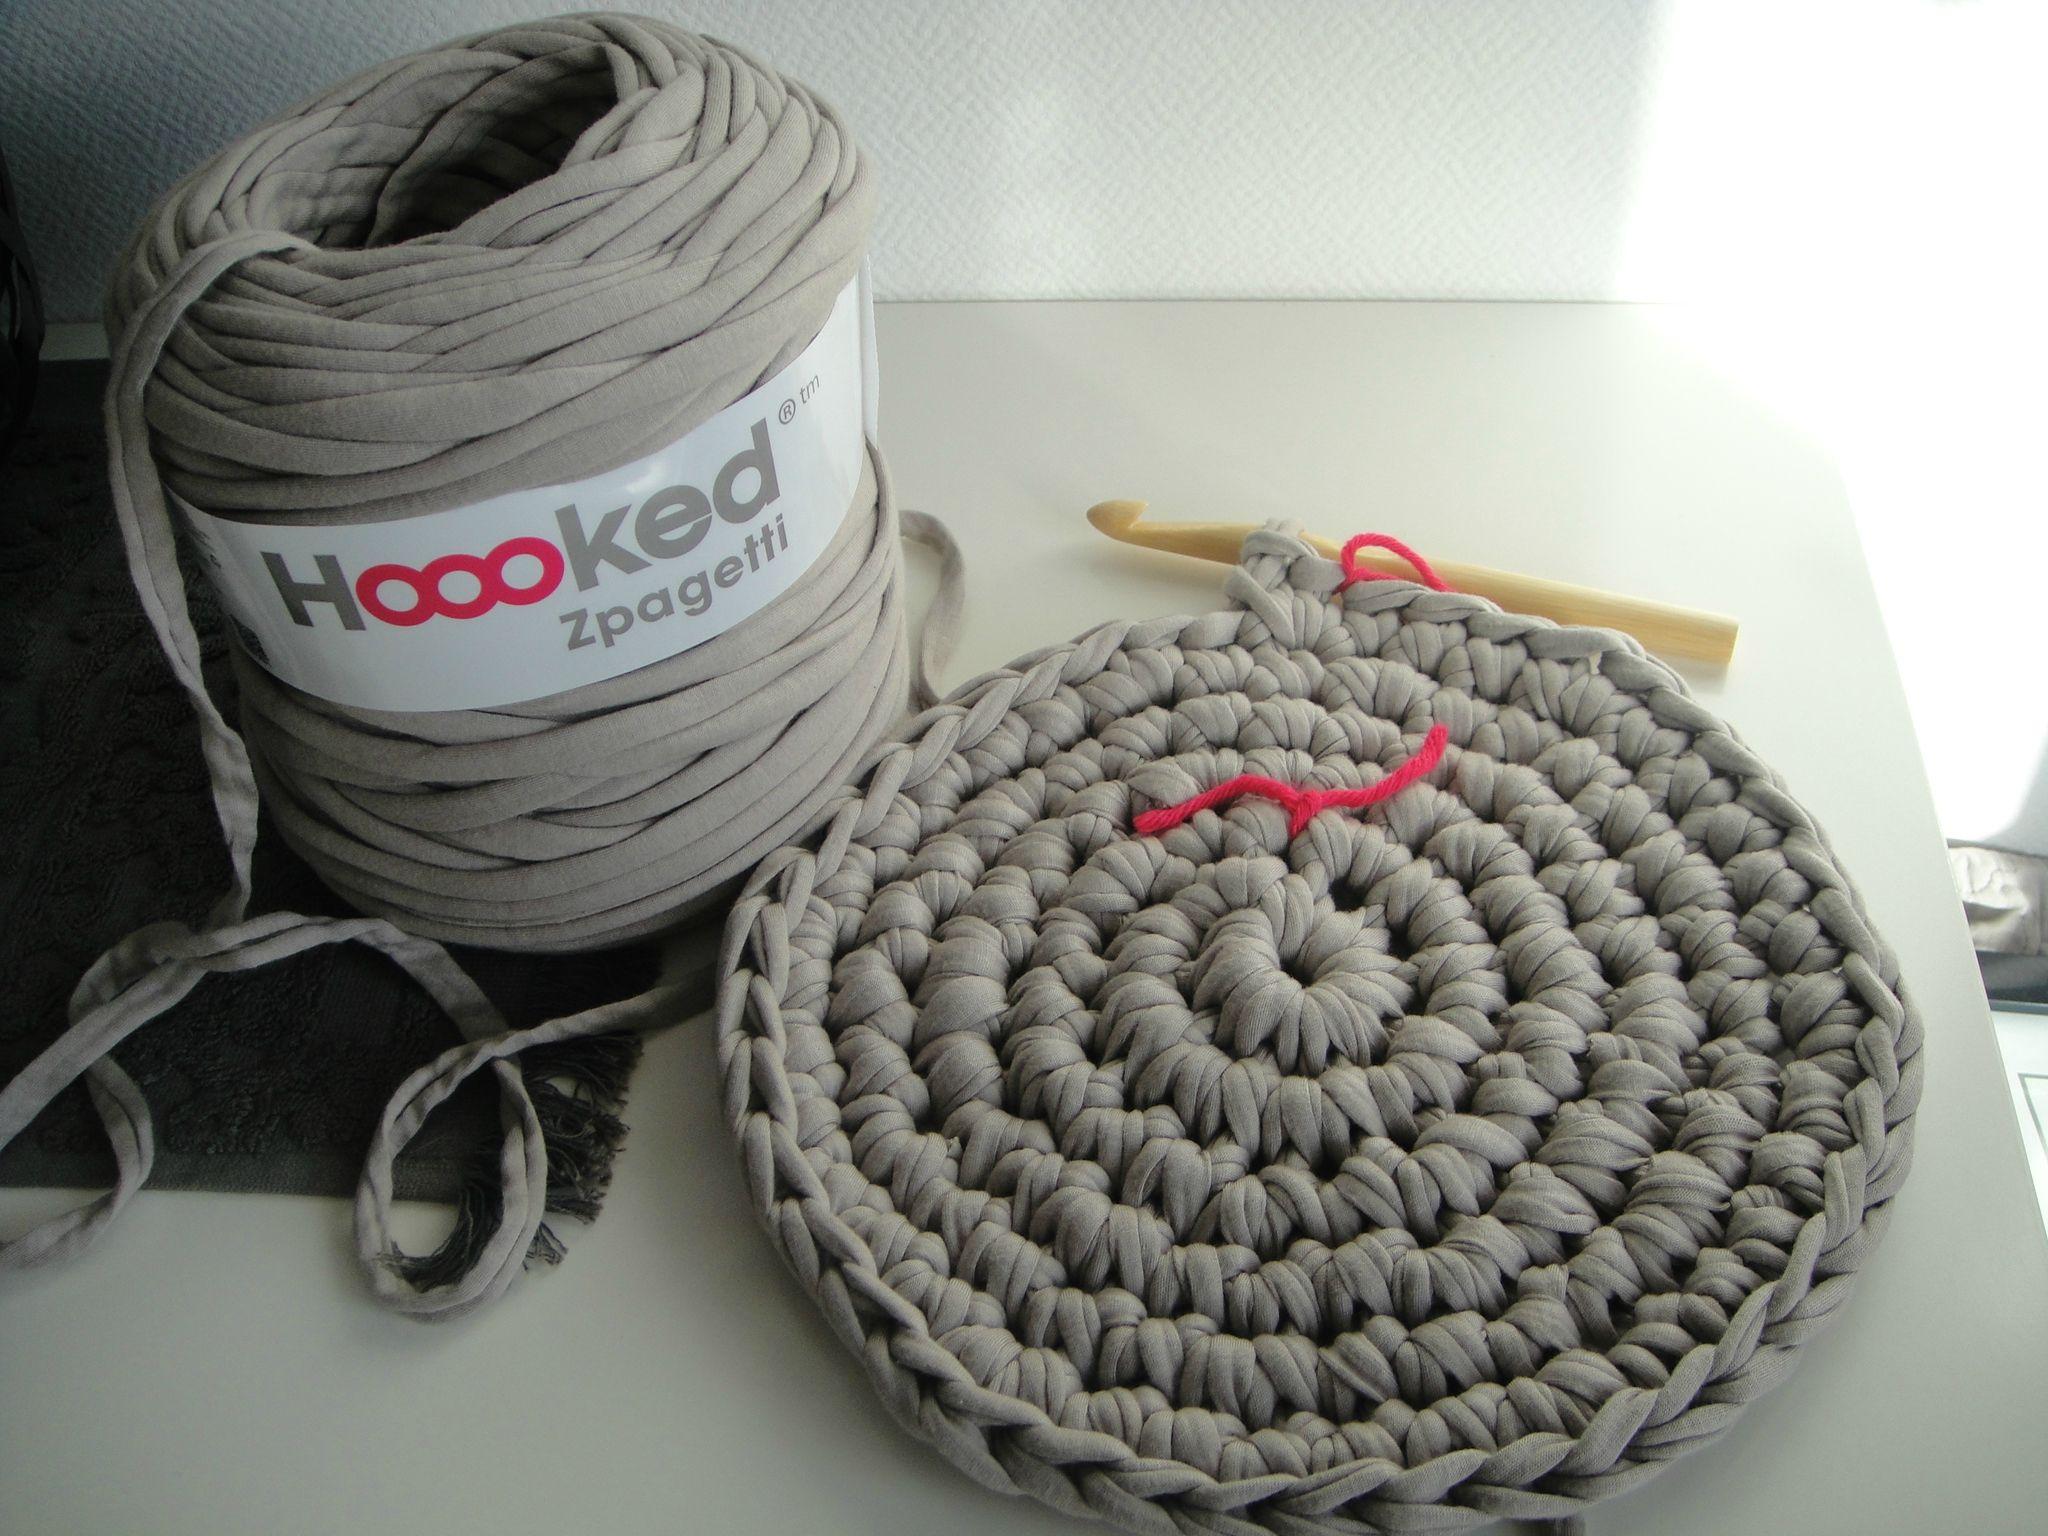 hoooked zpagetti un panier une corbeille au crochet tricot crochet doudous de memie cathy. Black Bedroom Furniture Sets. Home Design Ideas